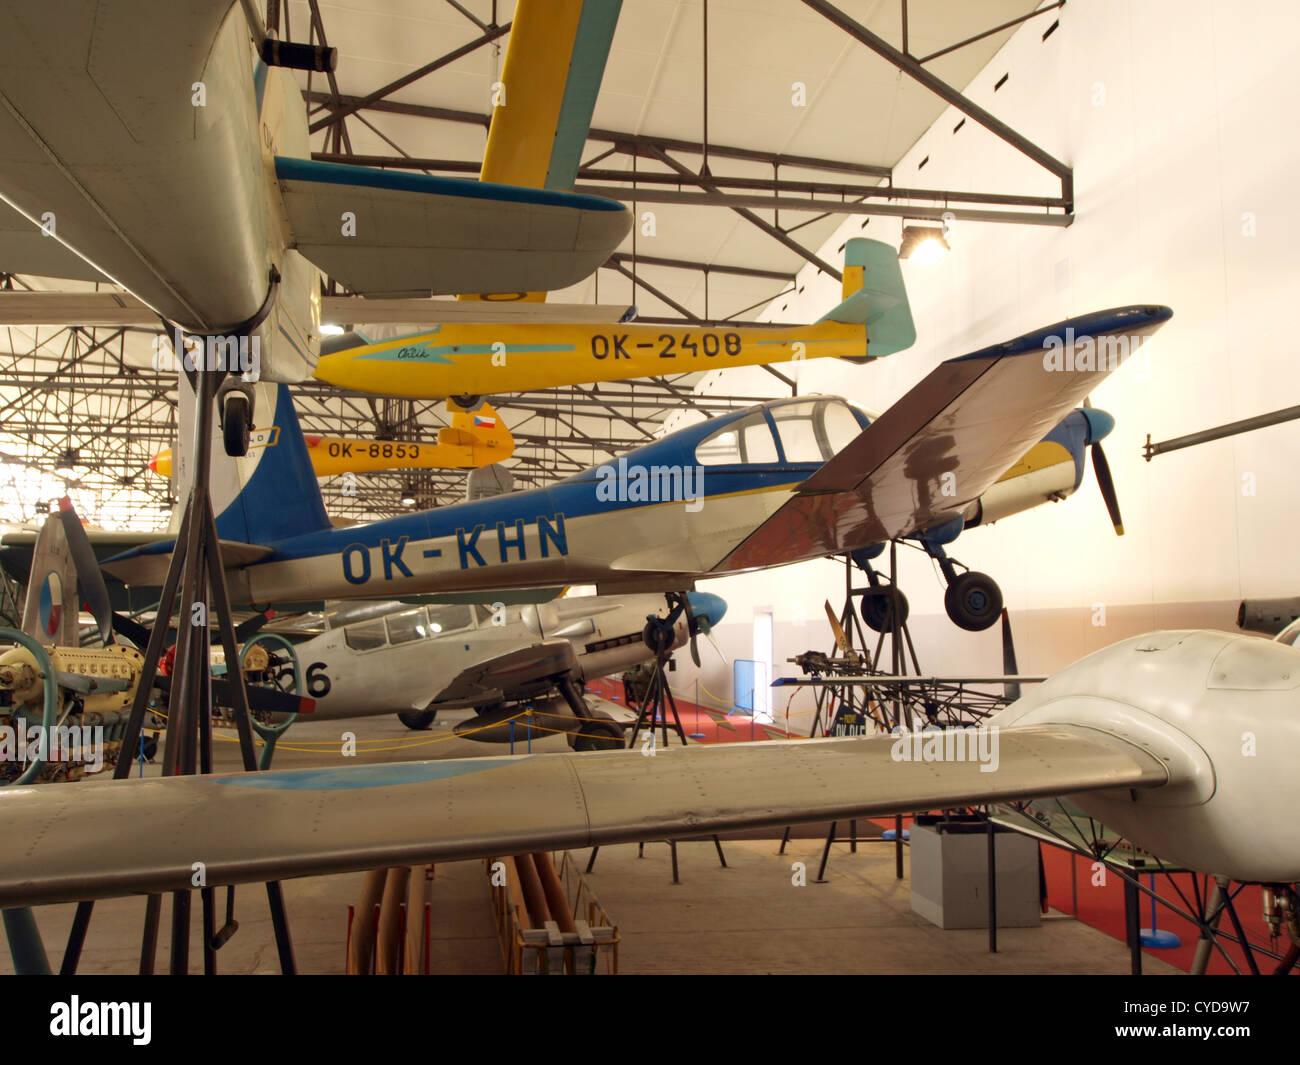 Orlican L-40 Meta Sokol OK-KHN - Stock Image